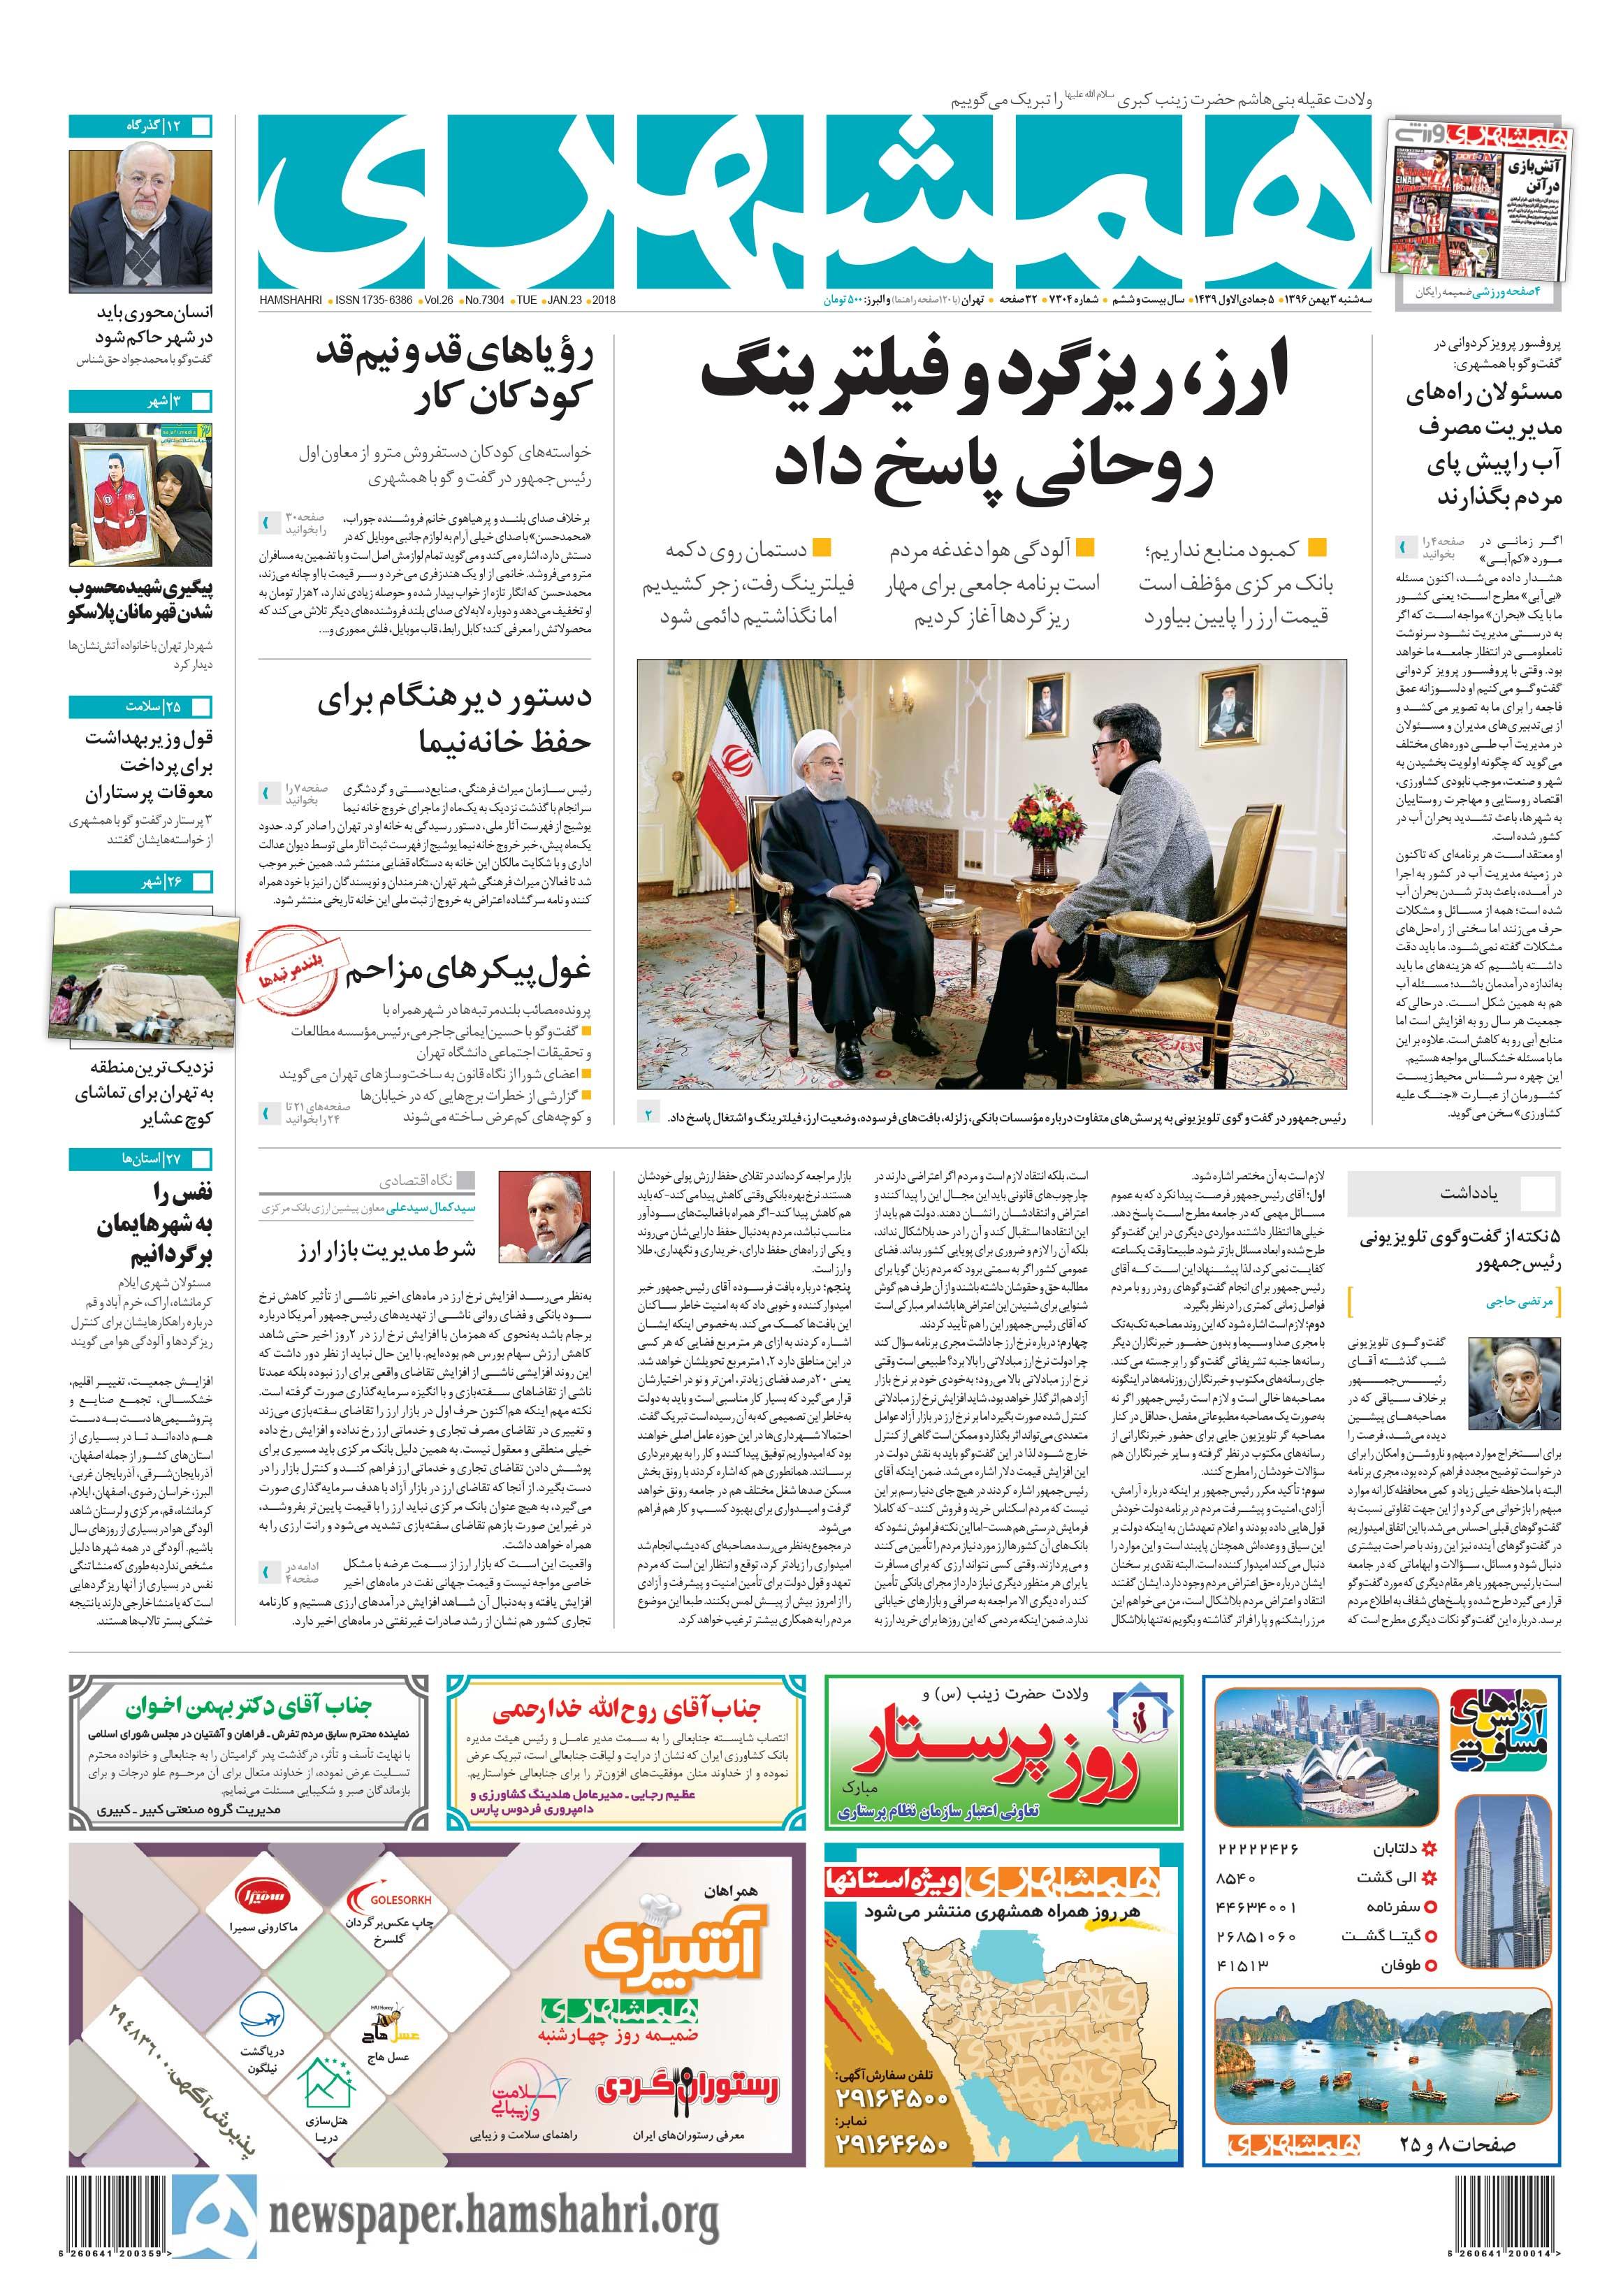 صفحه اول سهشنبه 3 بهمنماه 1396